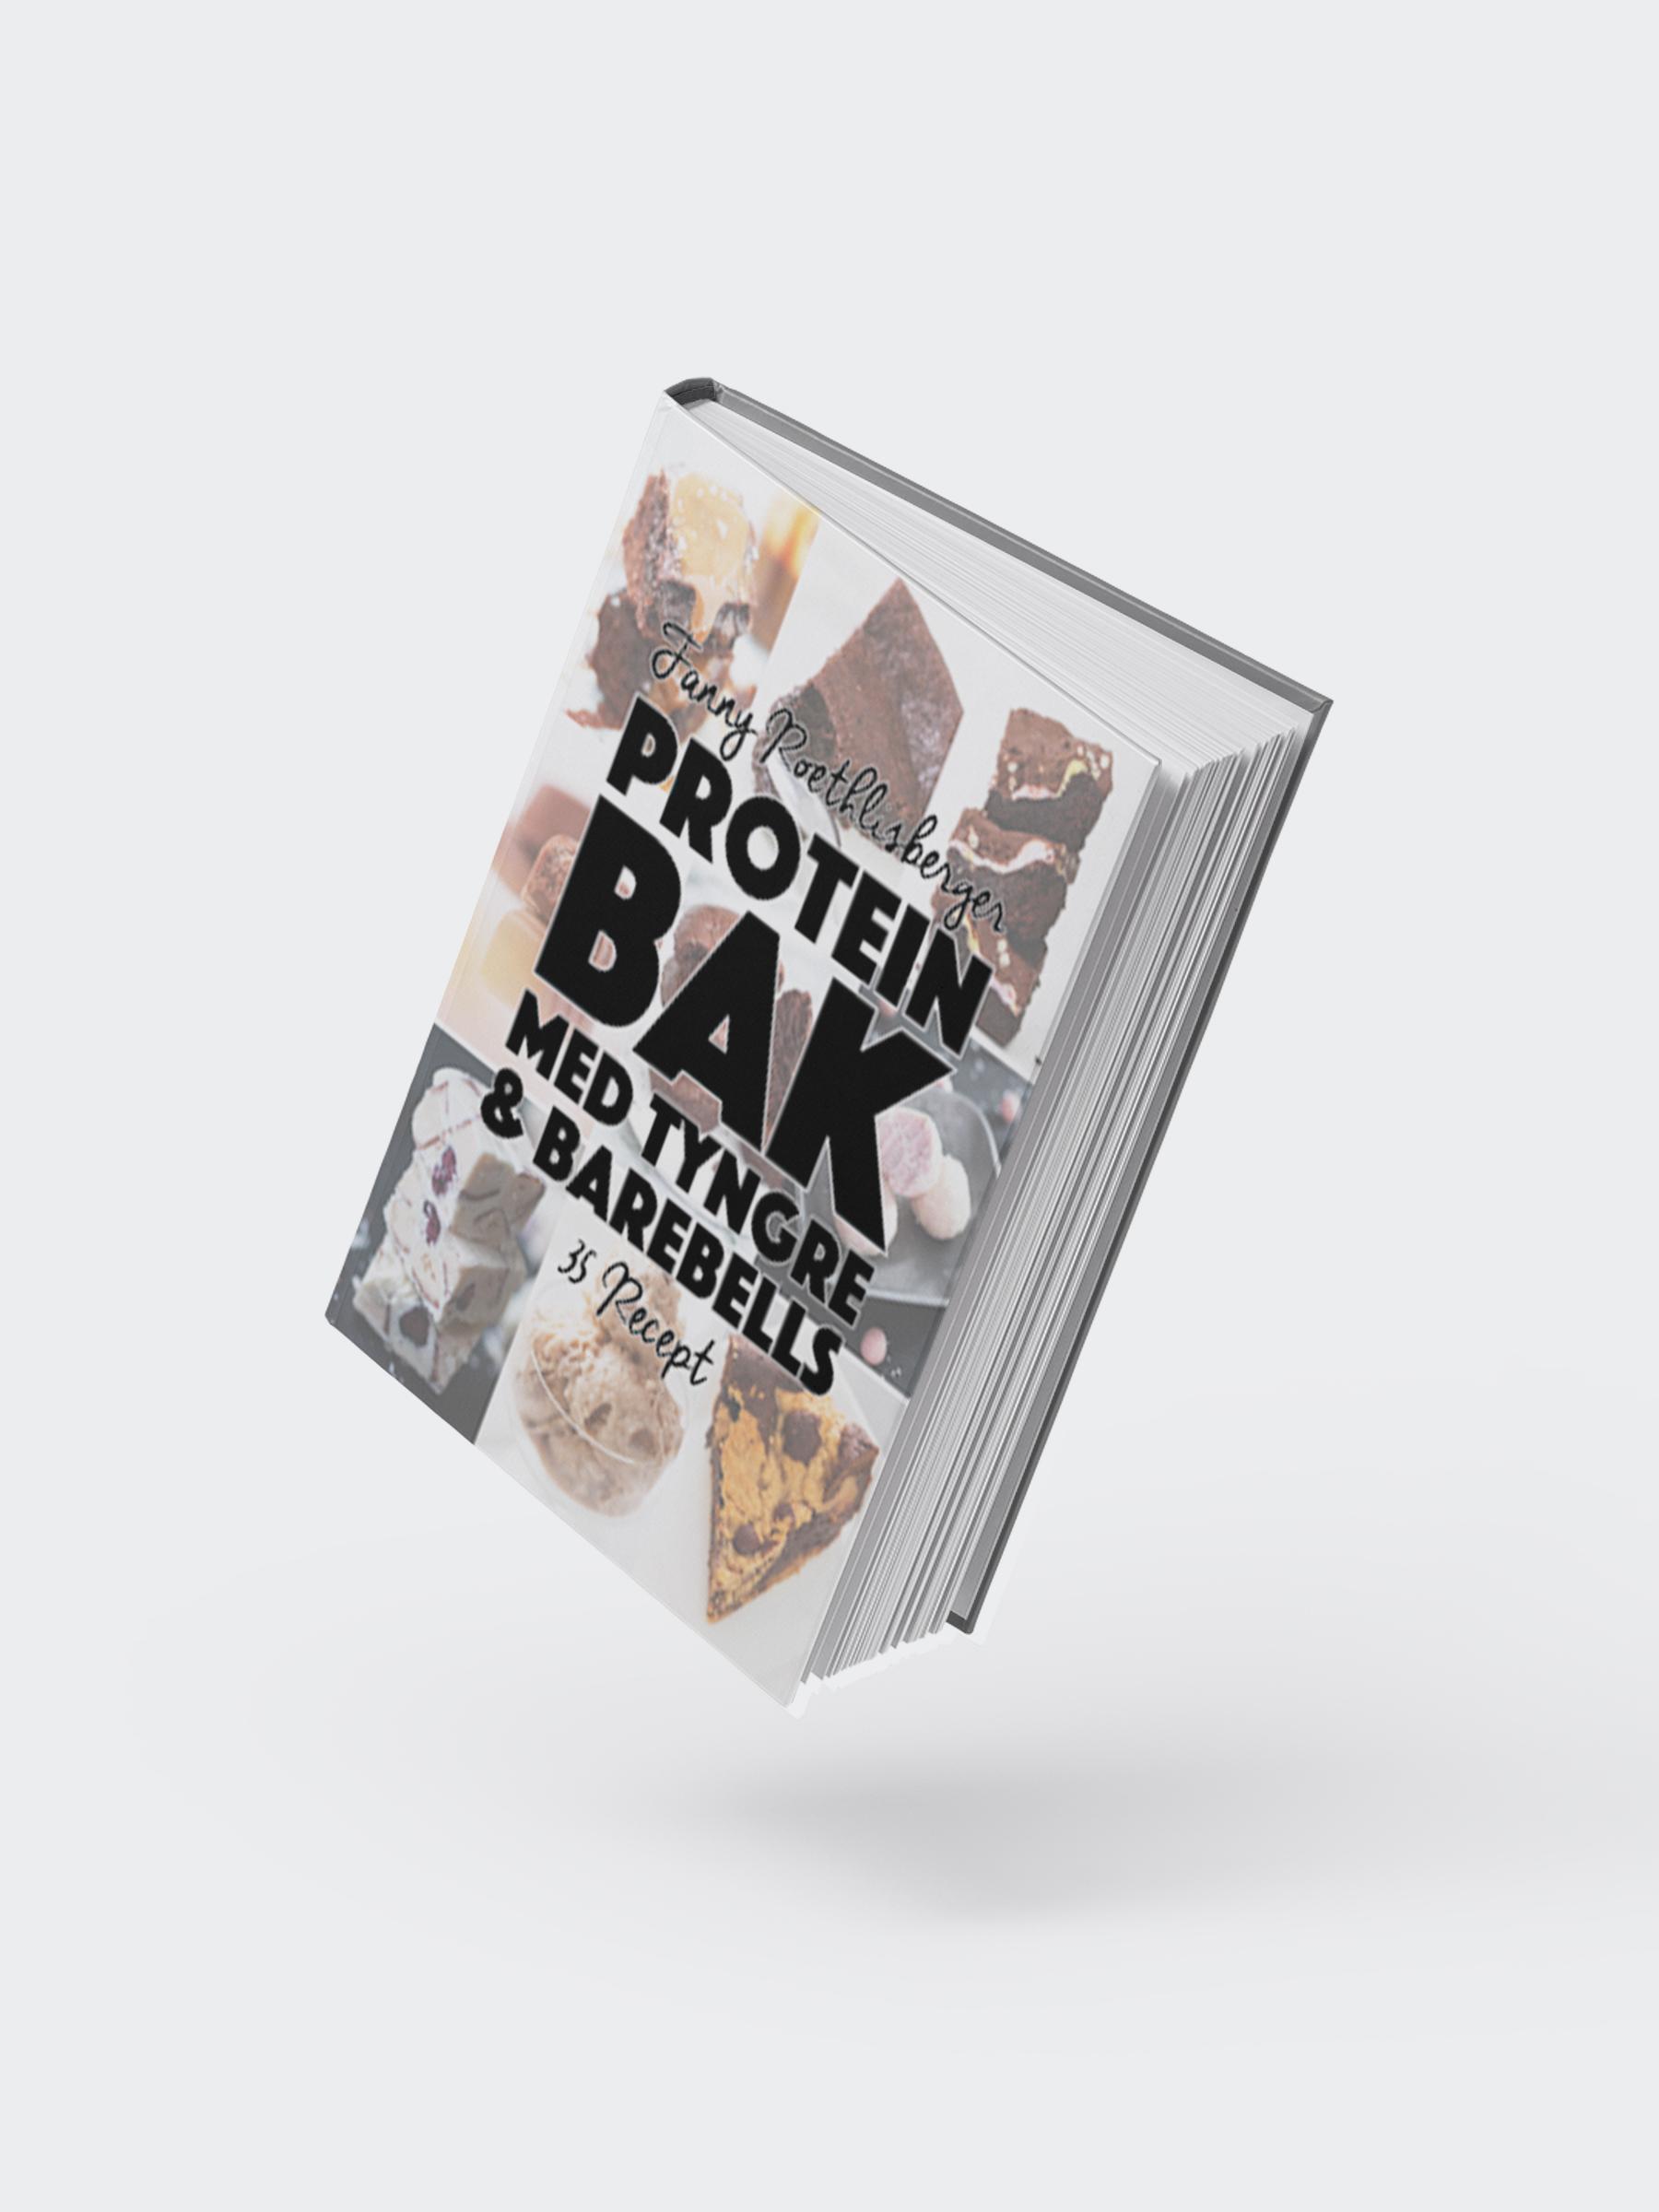 Tyngre Proteinbak med Tyngre & Barebells (e-bok)